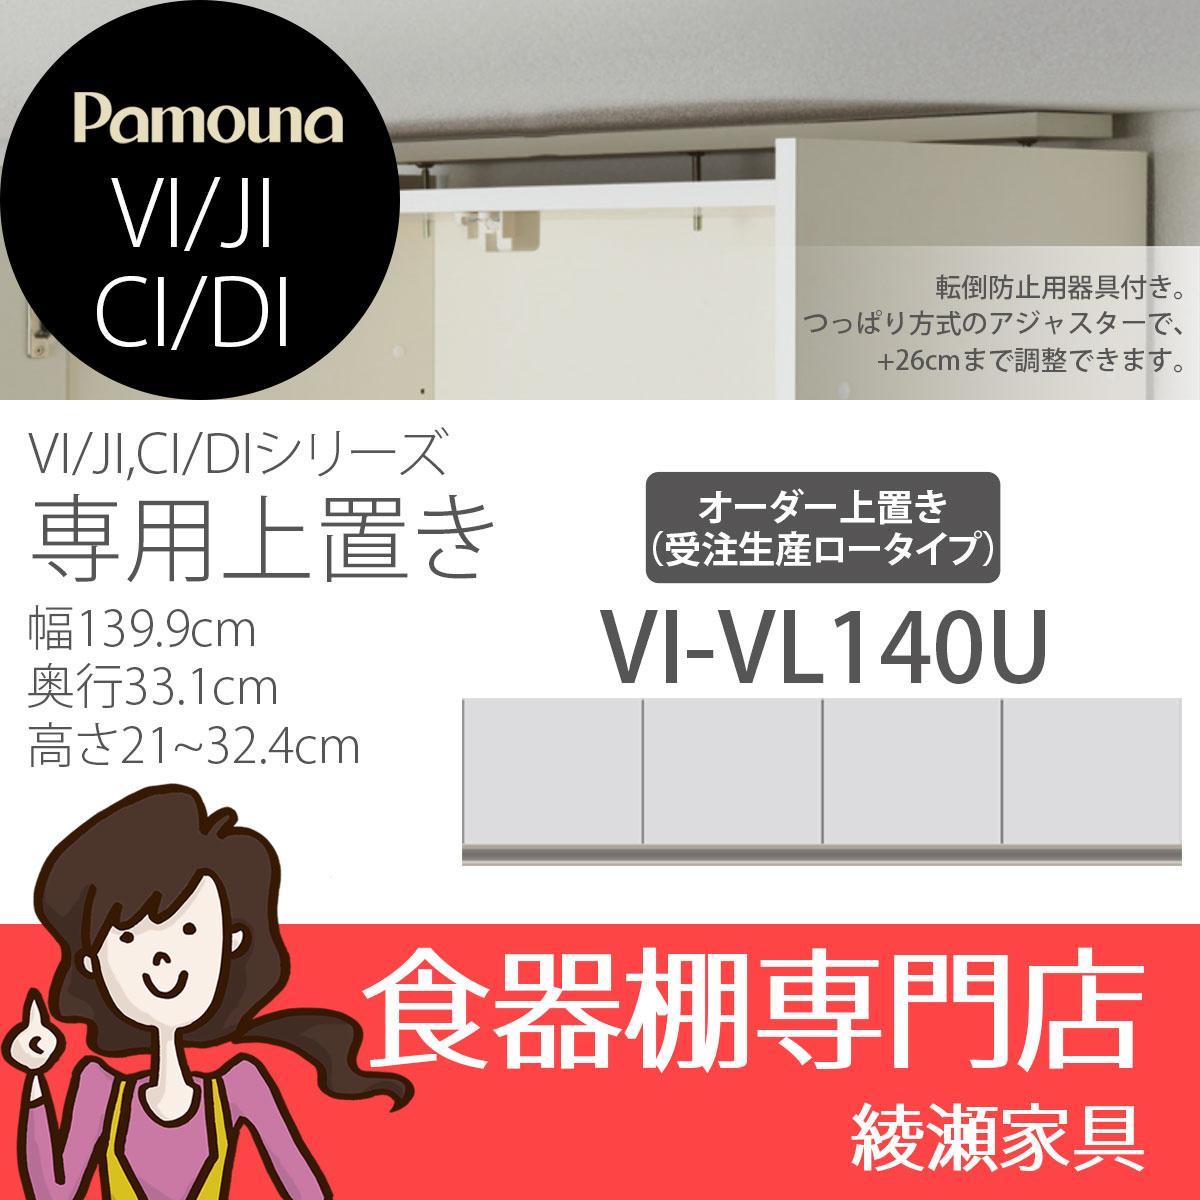 パモウナ 高さ オーダー上置 (食器棚VI/JI CI/DI用) 【幅139.8×高さ21-32.4cm】 パールホワイト VI-VL140U